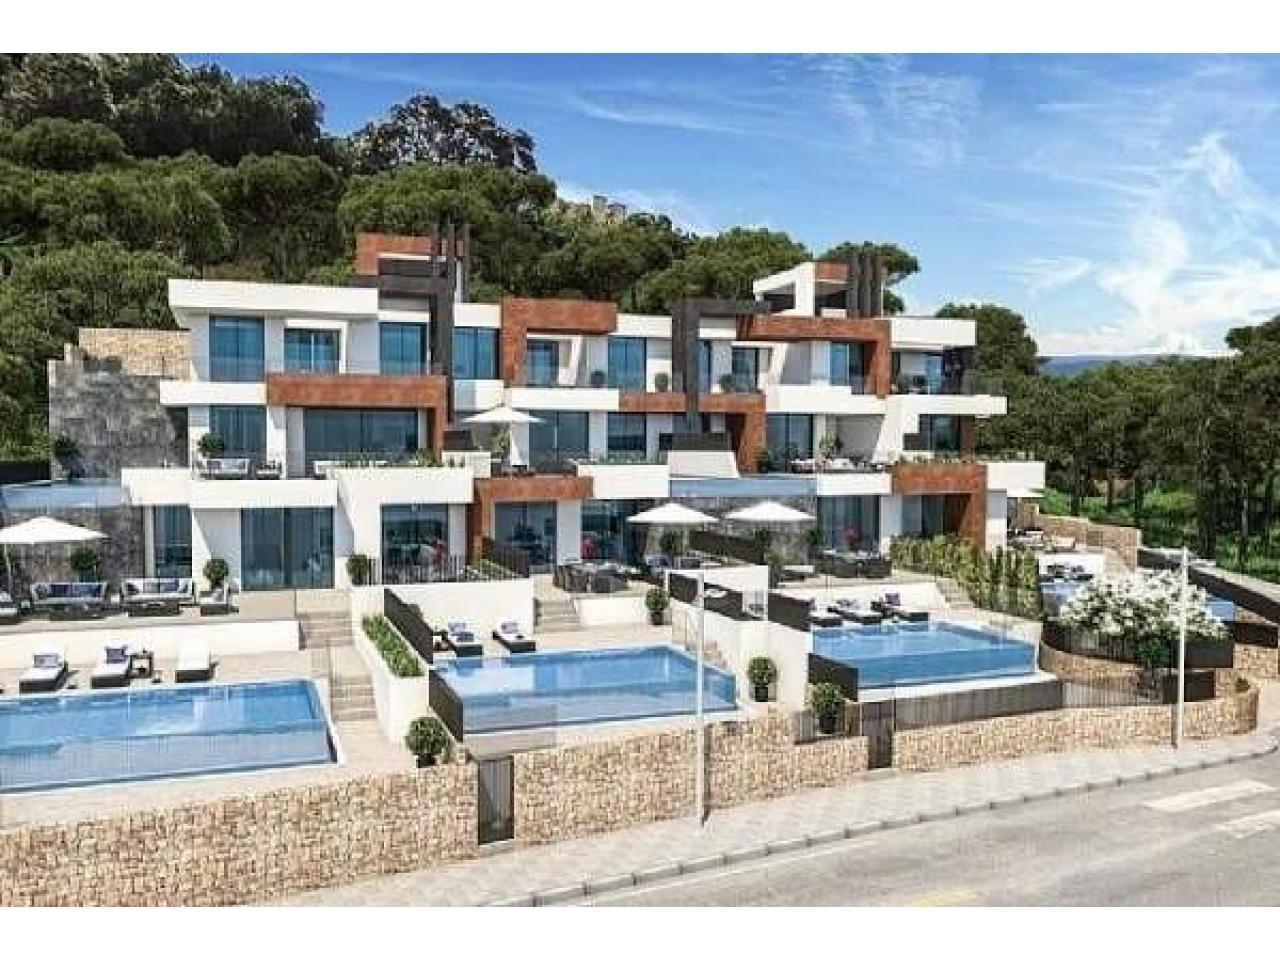 Недвижимость в Испании, Новые квартиры с видами на море от застройщика в Бенидорм - 8